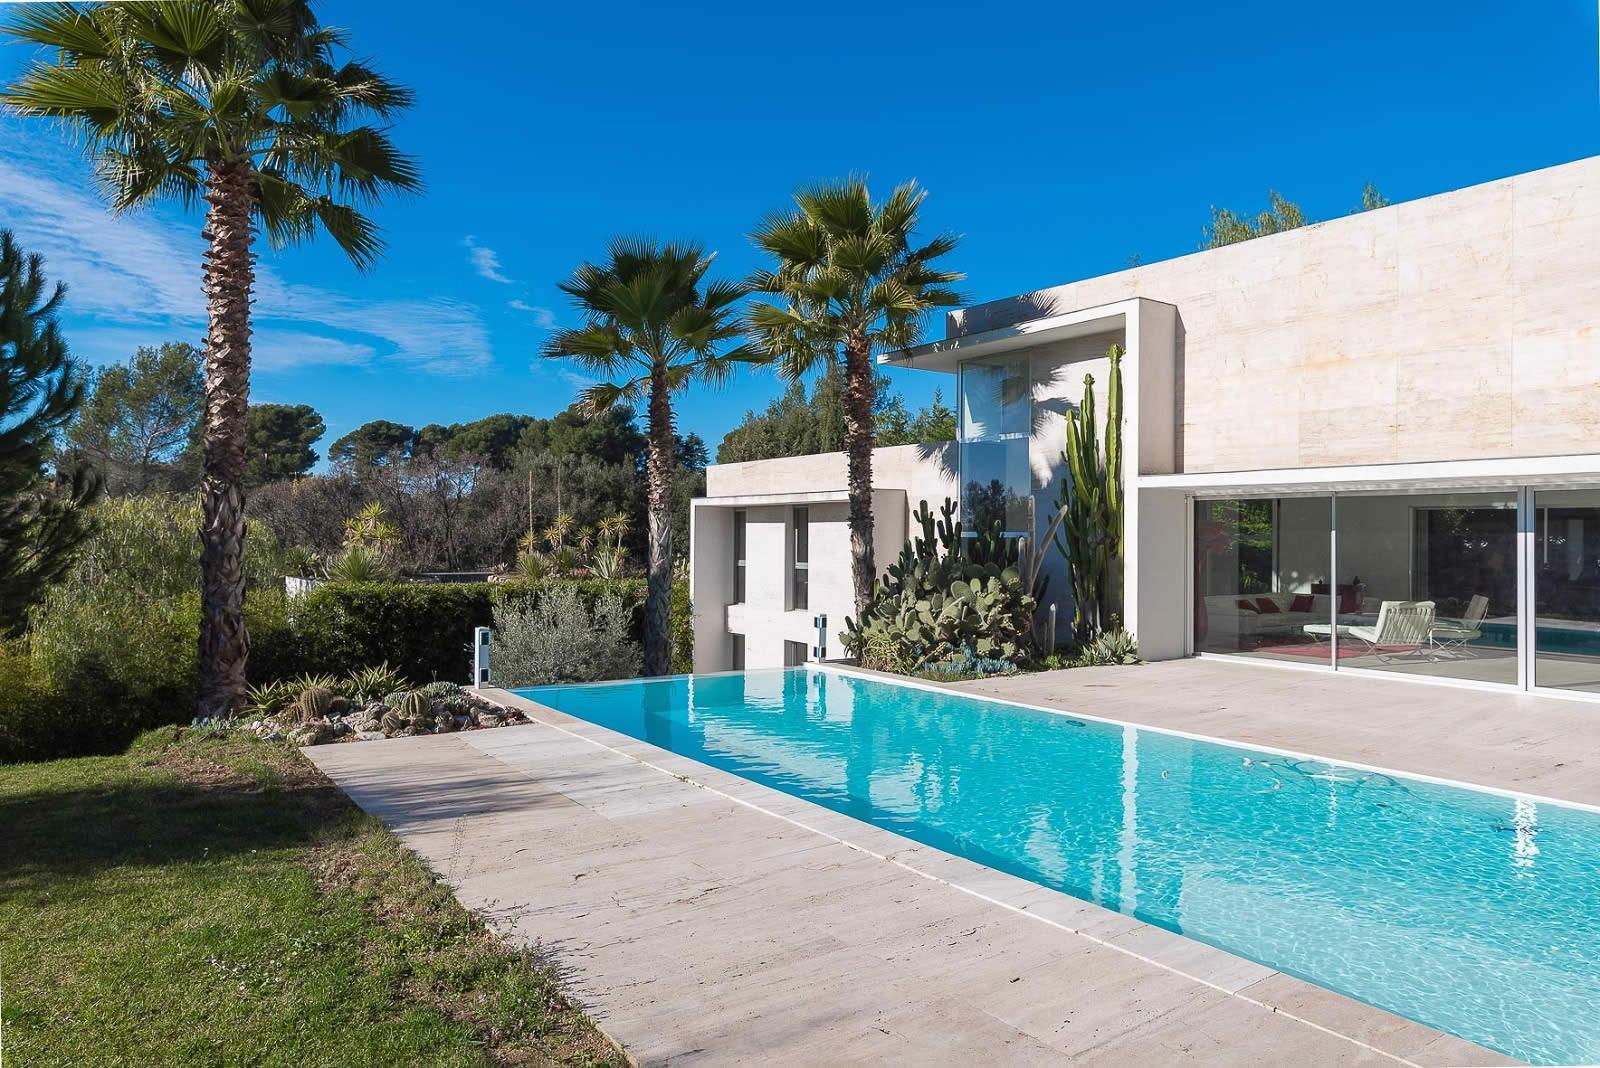 St Tropez Villas Apartments Las Vegas